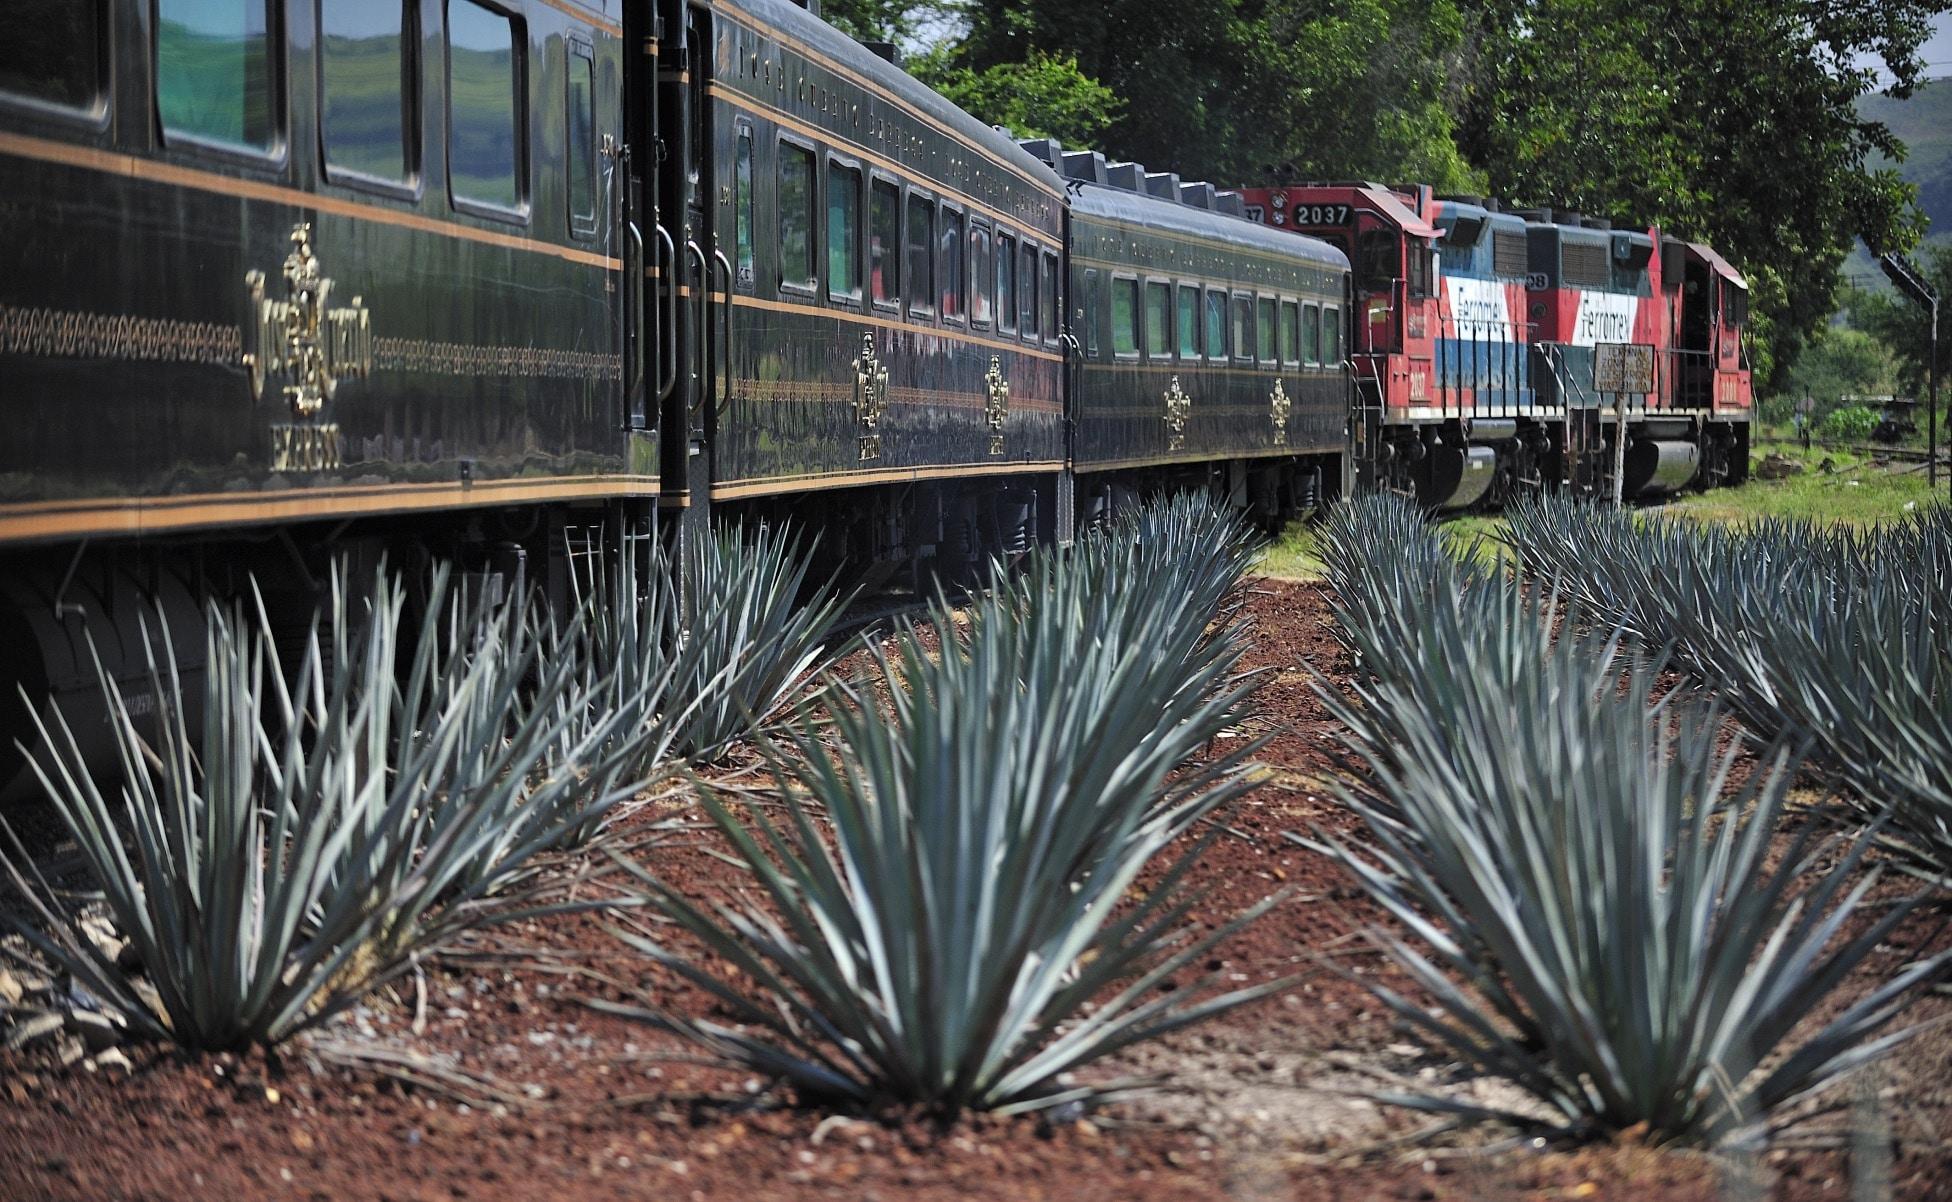 viaje tren tequila jalisco